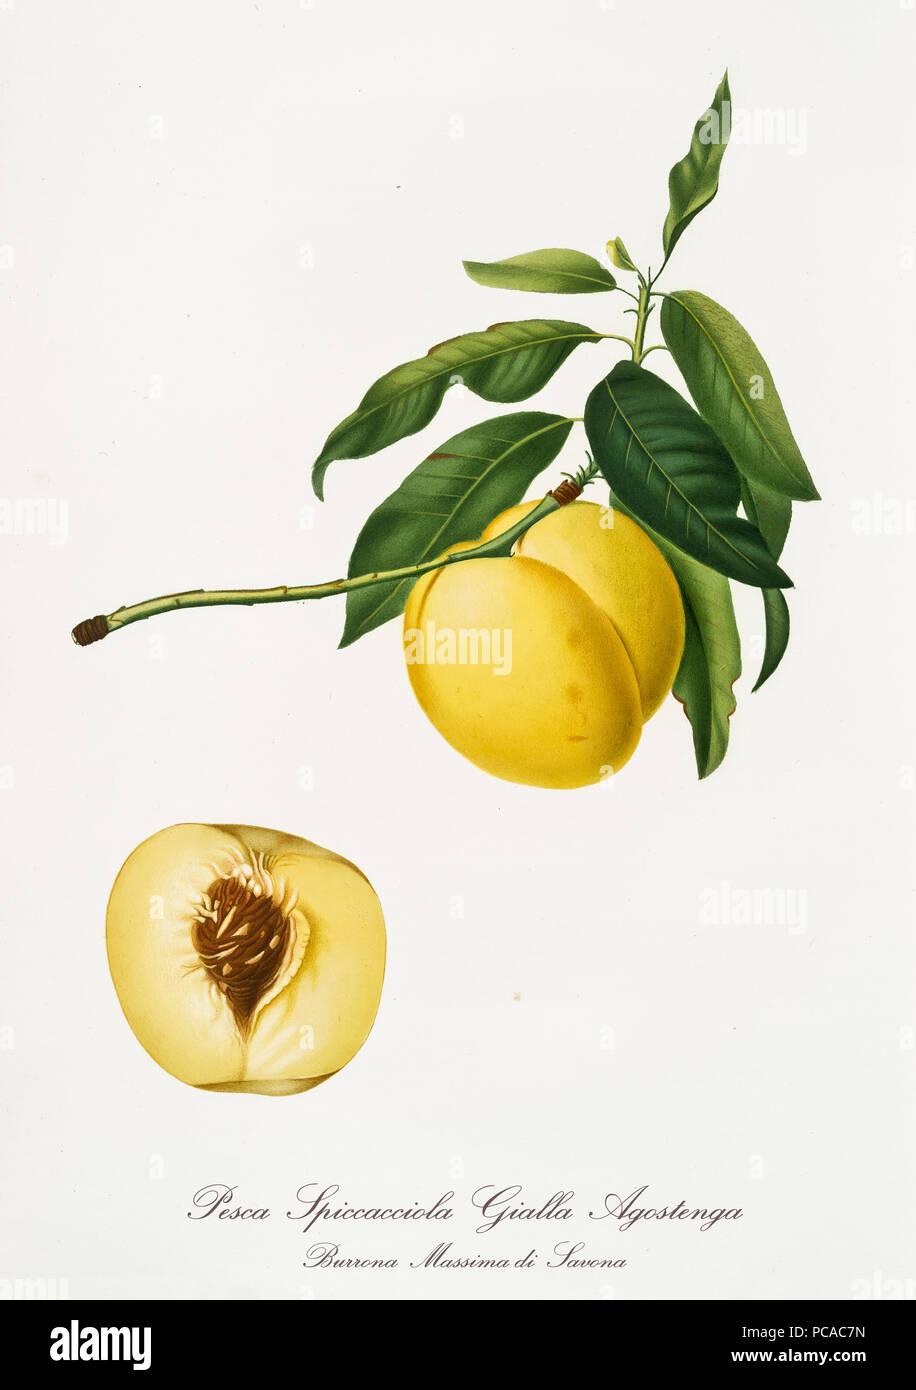 Amarillo con forma de manzana melocotón en su rama con hojas. Sección de frutas aisladas sobre fondo blanco. Ilustración botánica antigua realizada con una acuarela detallada por Giorgio Gallesio en 1817, 1839 Italia Imagen De Stock